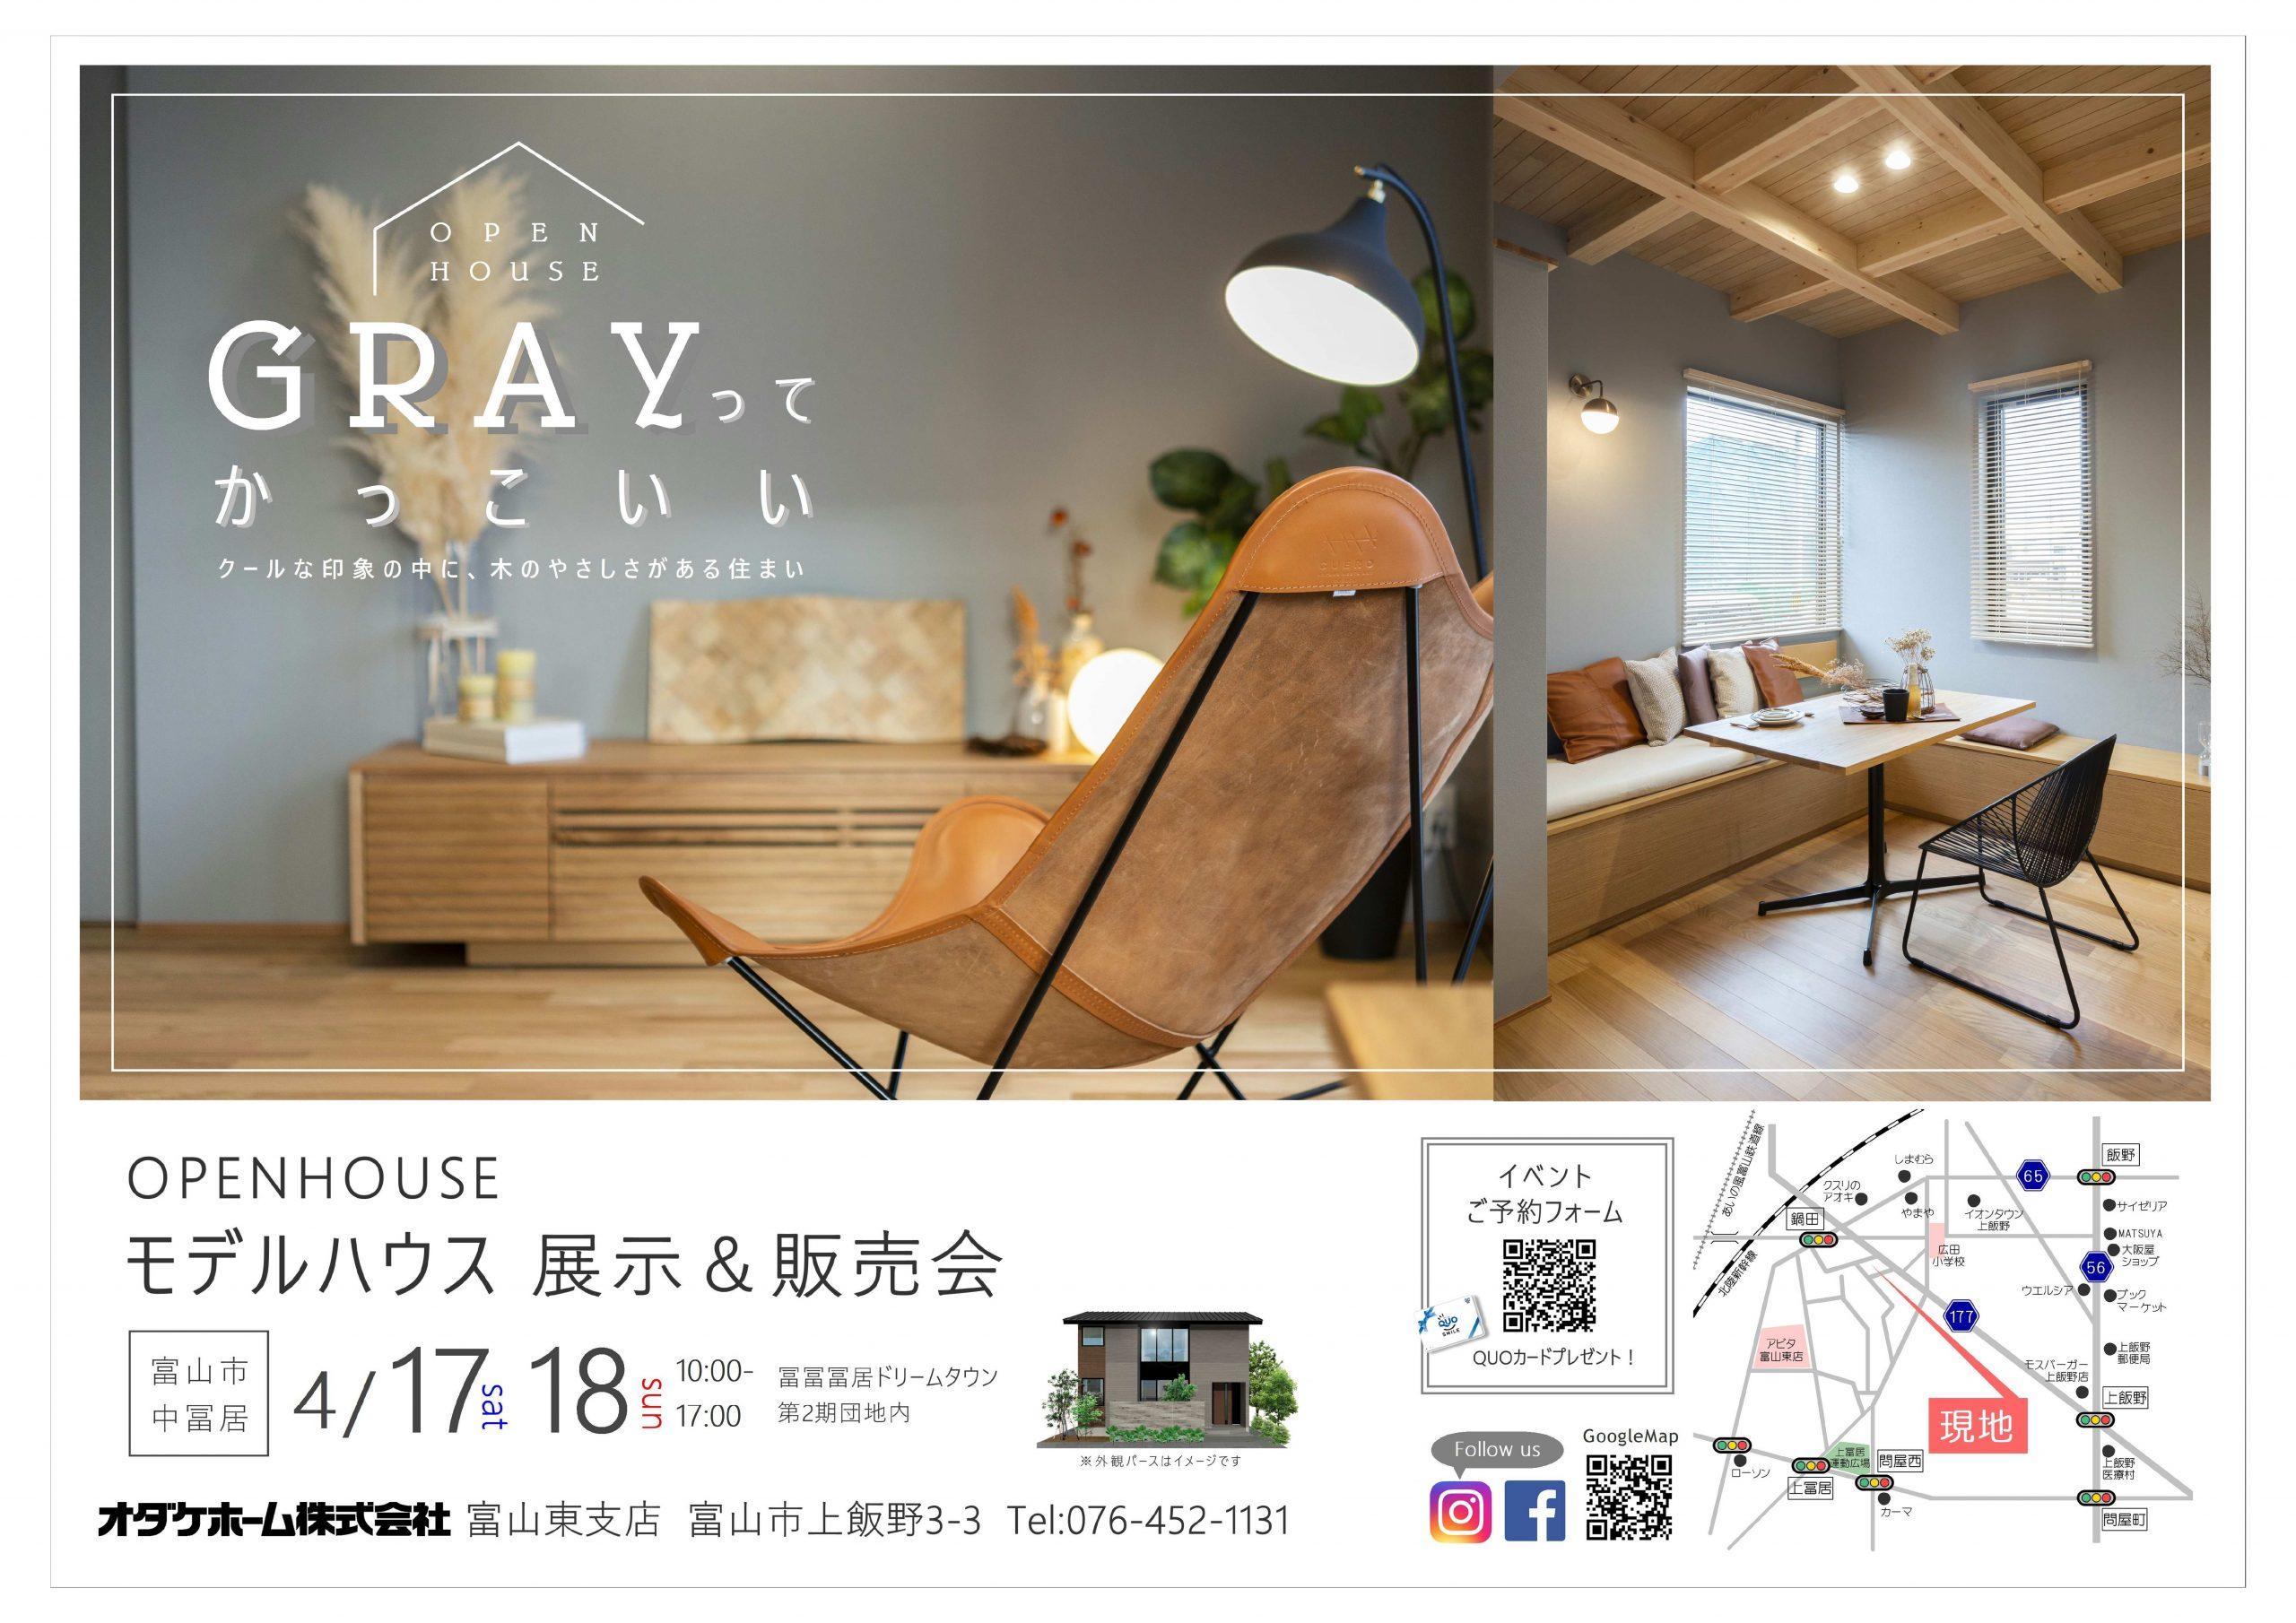 4/17(土)~18(日)富山市中冨居モデルハウス見学会